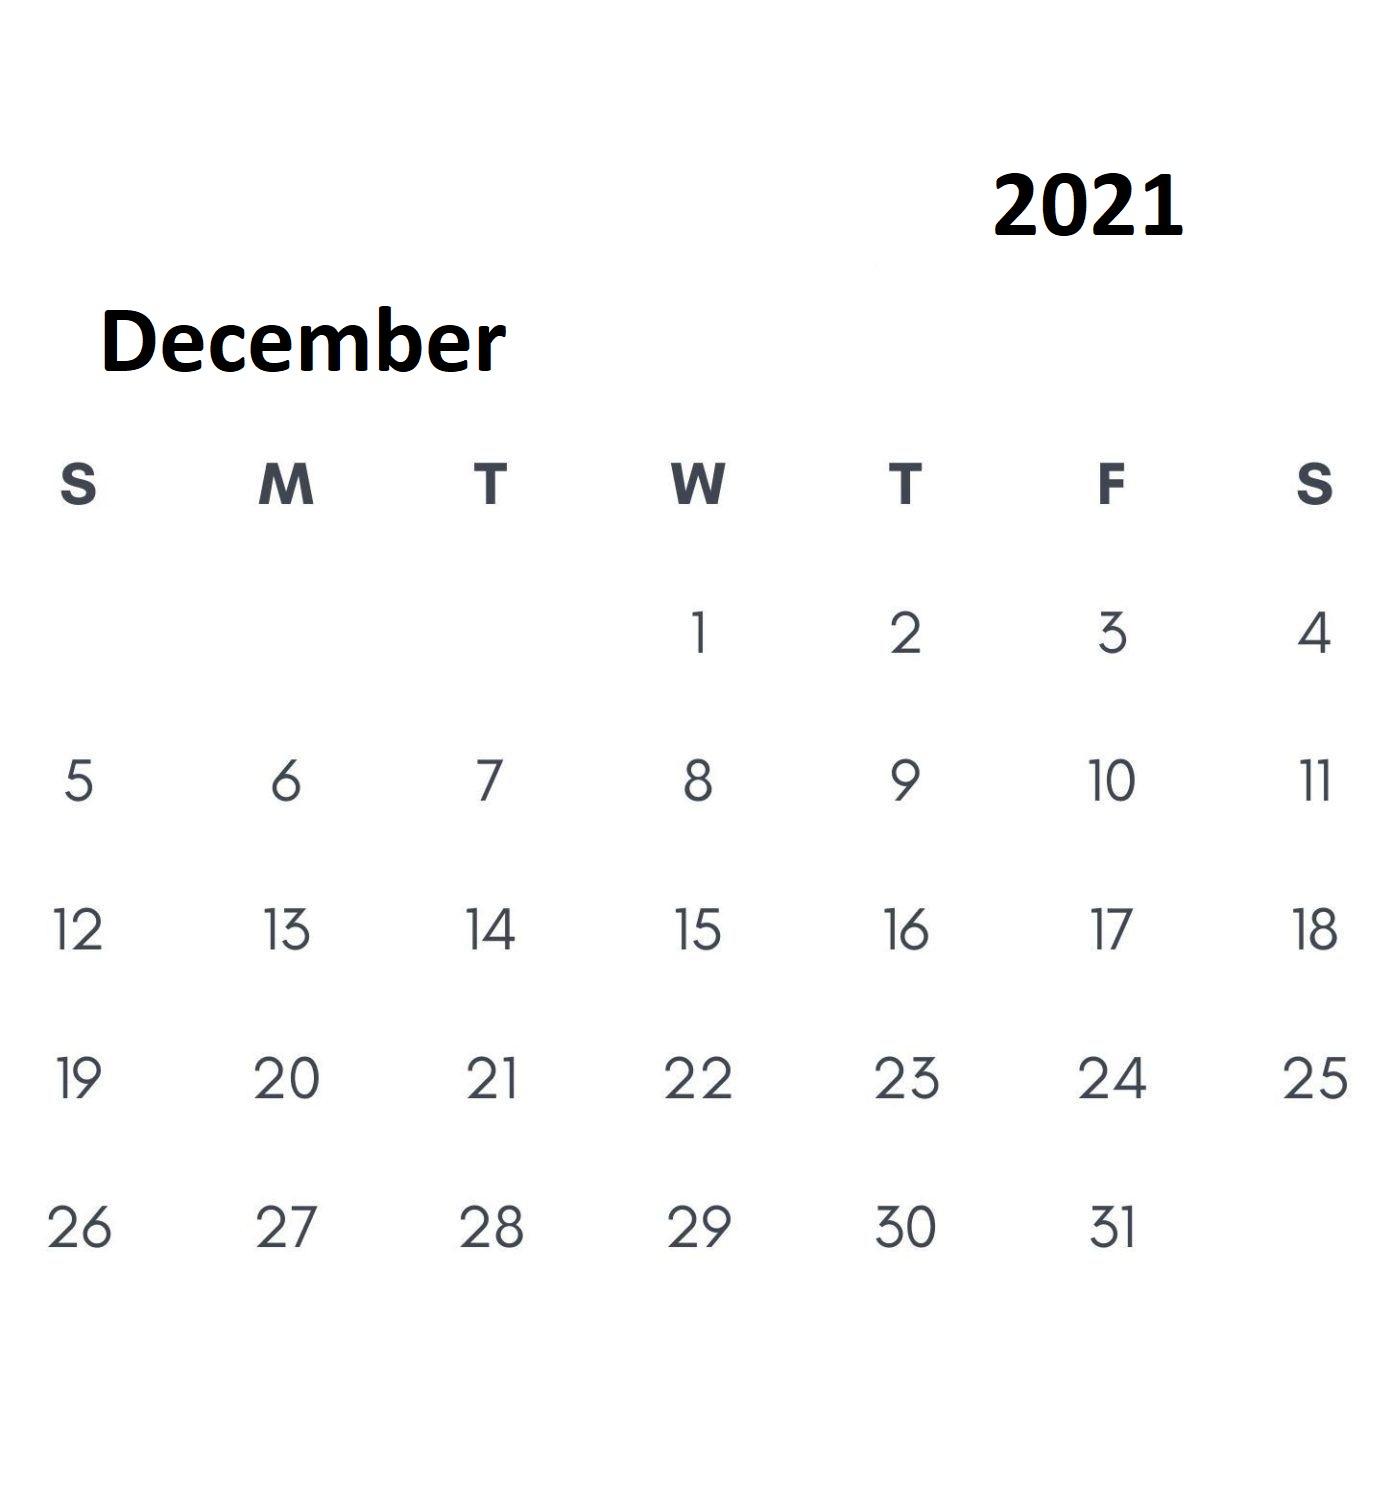 December-Calendar-2021-Template